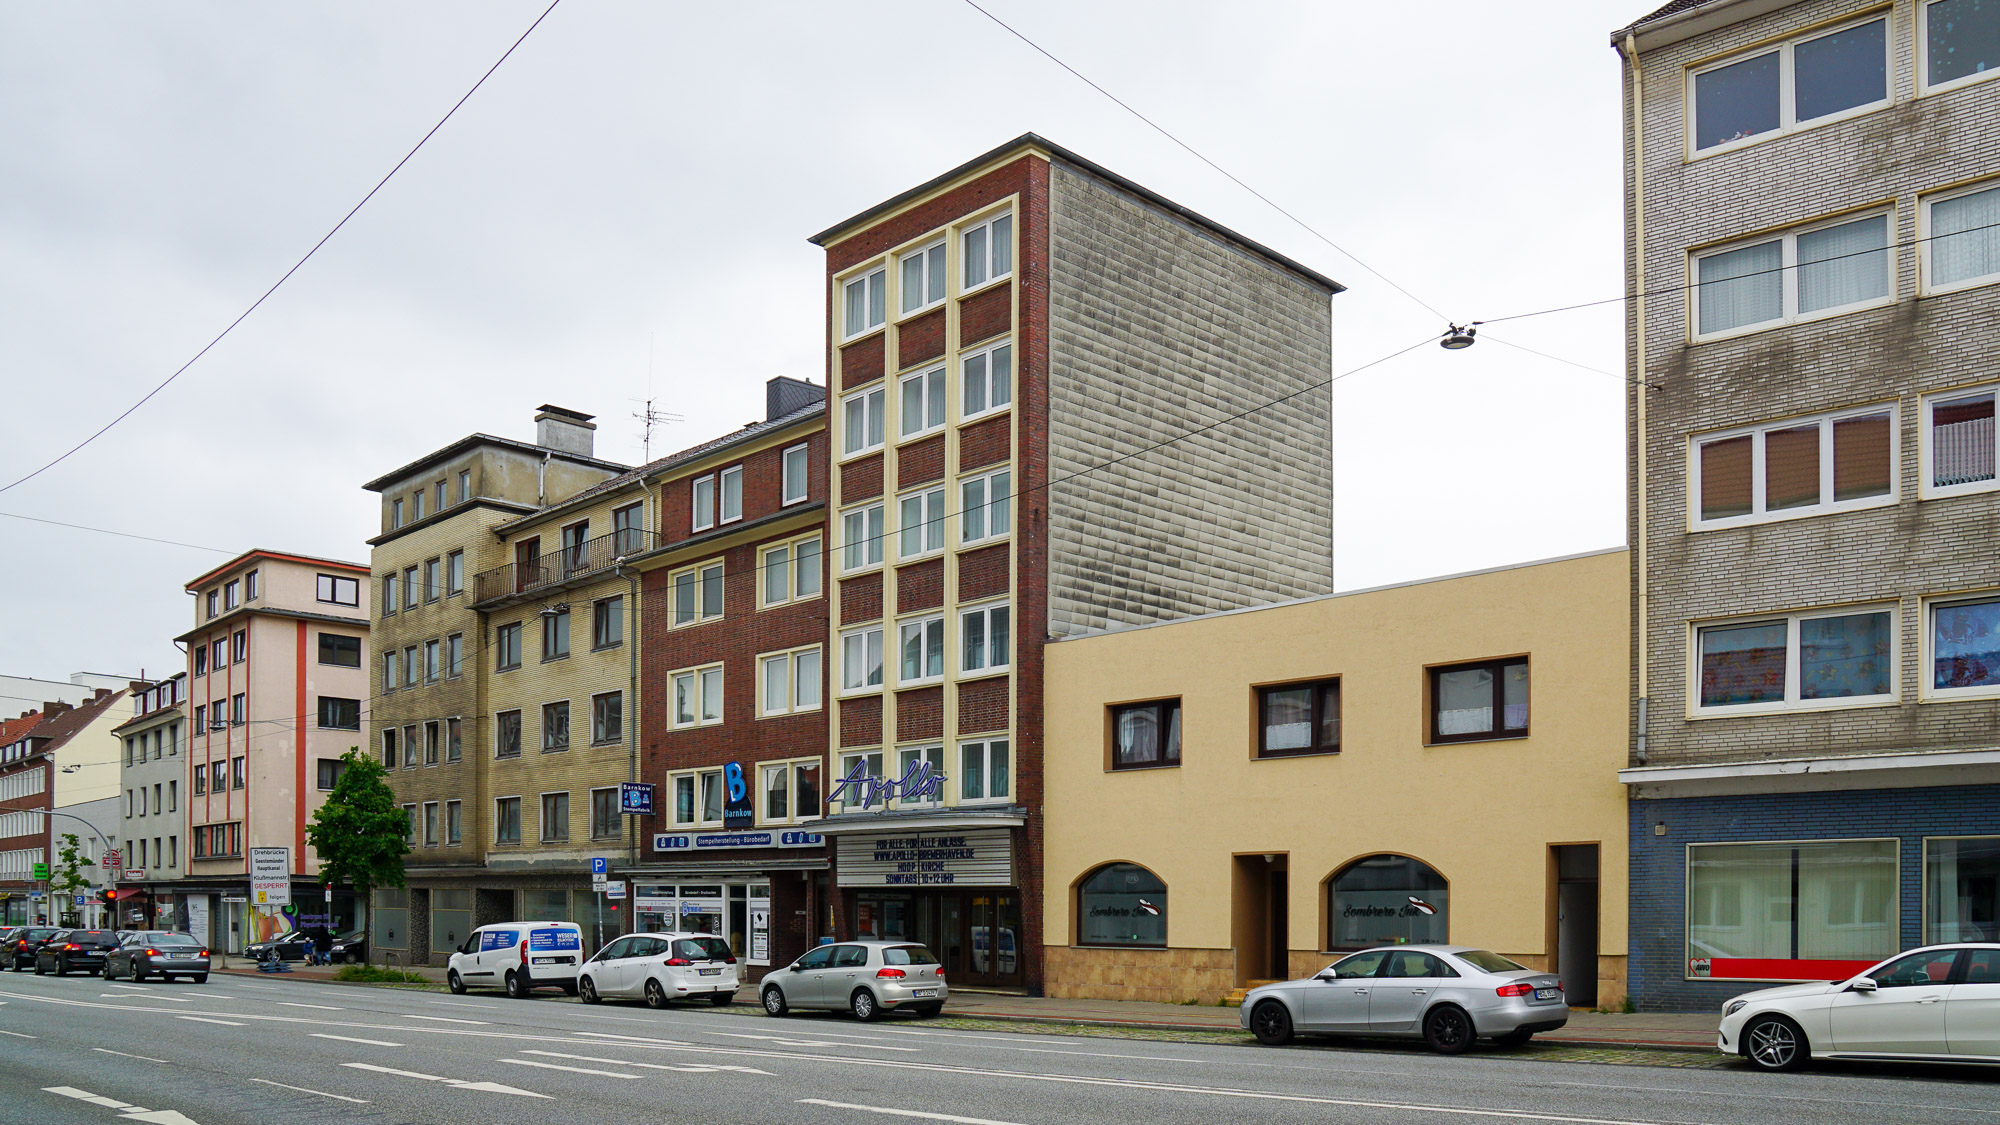 breite Straße mit gemischter Bebauung aus der Nachkriegszeit.